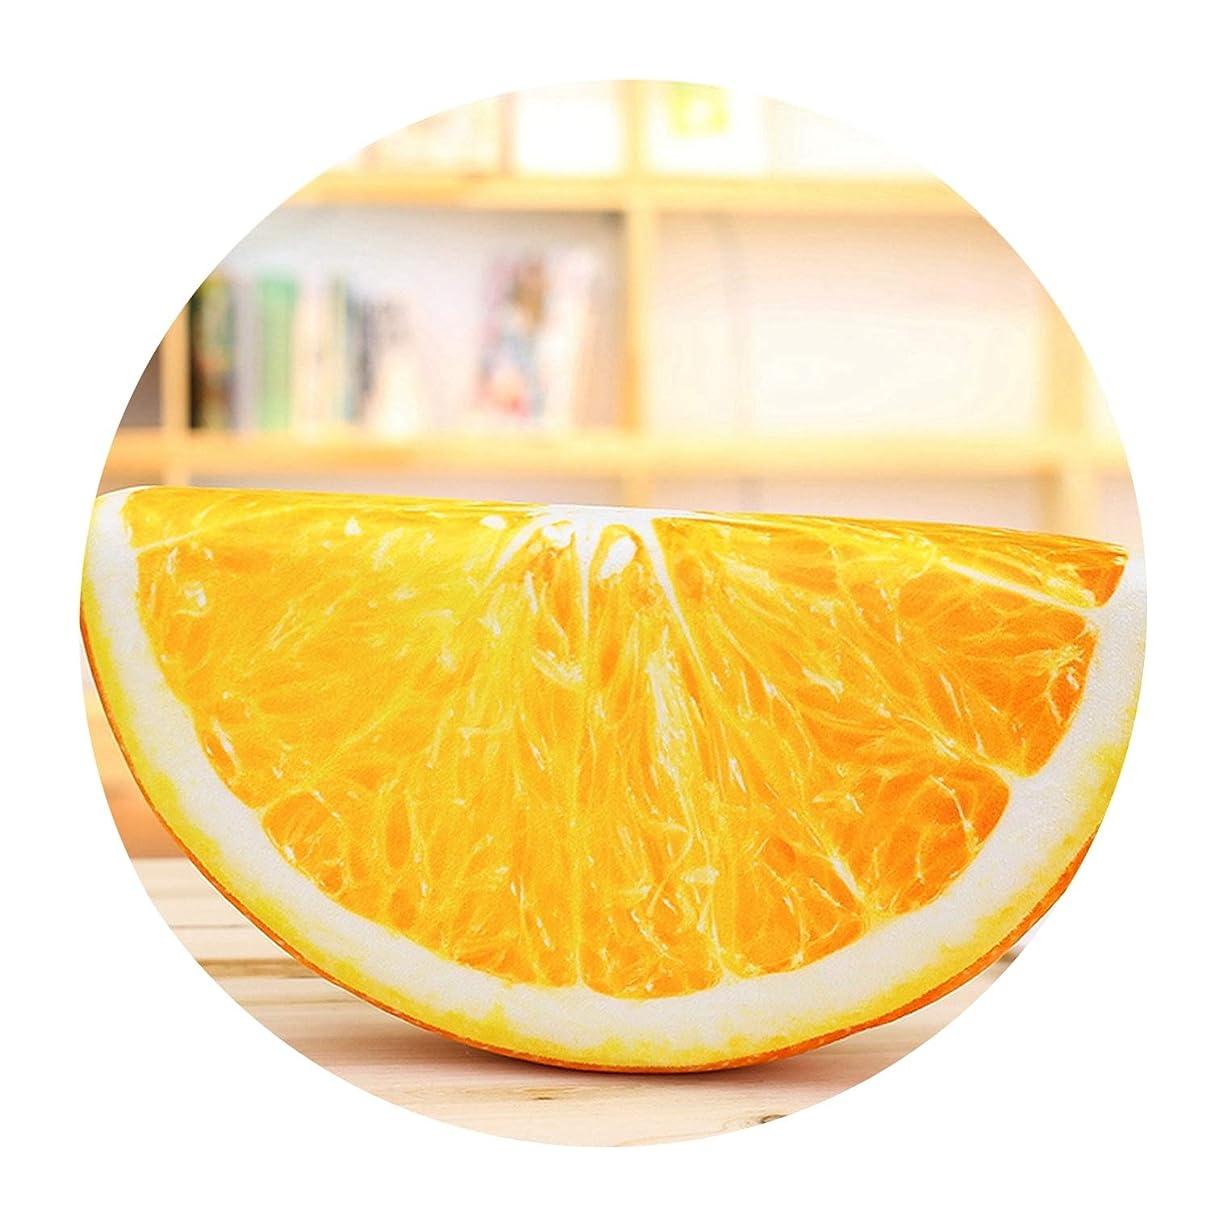 トレイル結核ペック心地いい抱き枕腰枕車枕かわいいおしゃれ人気スイカ枕フルーツスライスアクセサリー子誕生日プレゼントレディース,オレンジ色,16×12×4cm(小ペンダント)